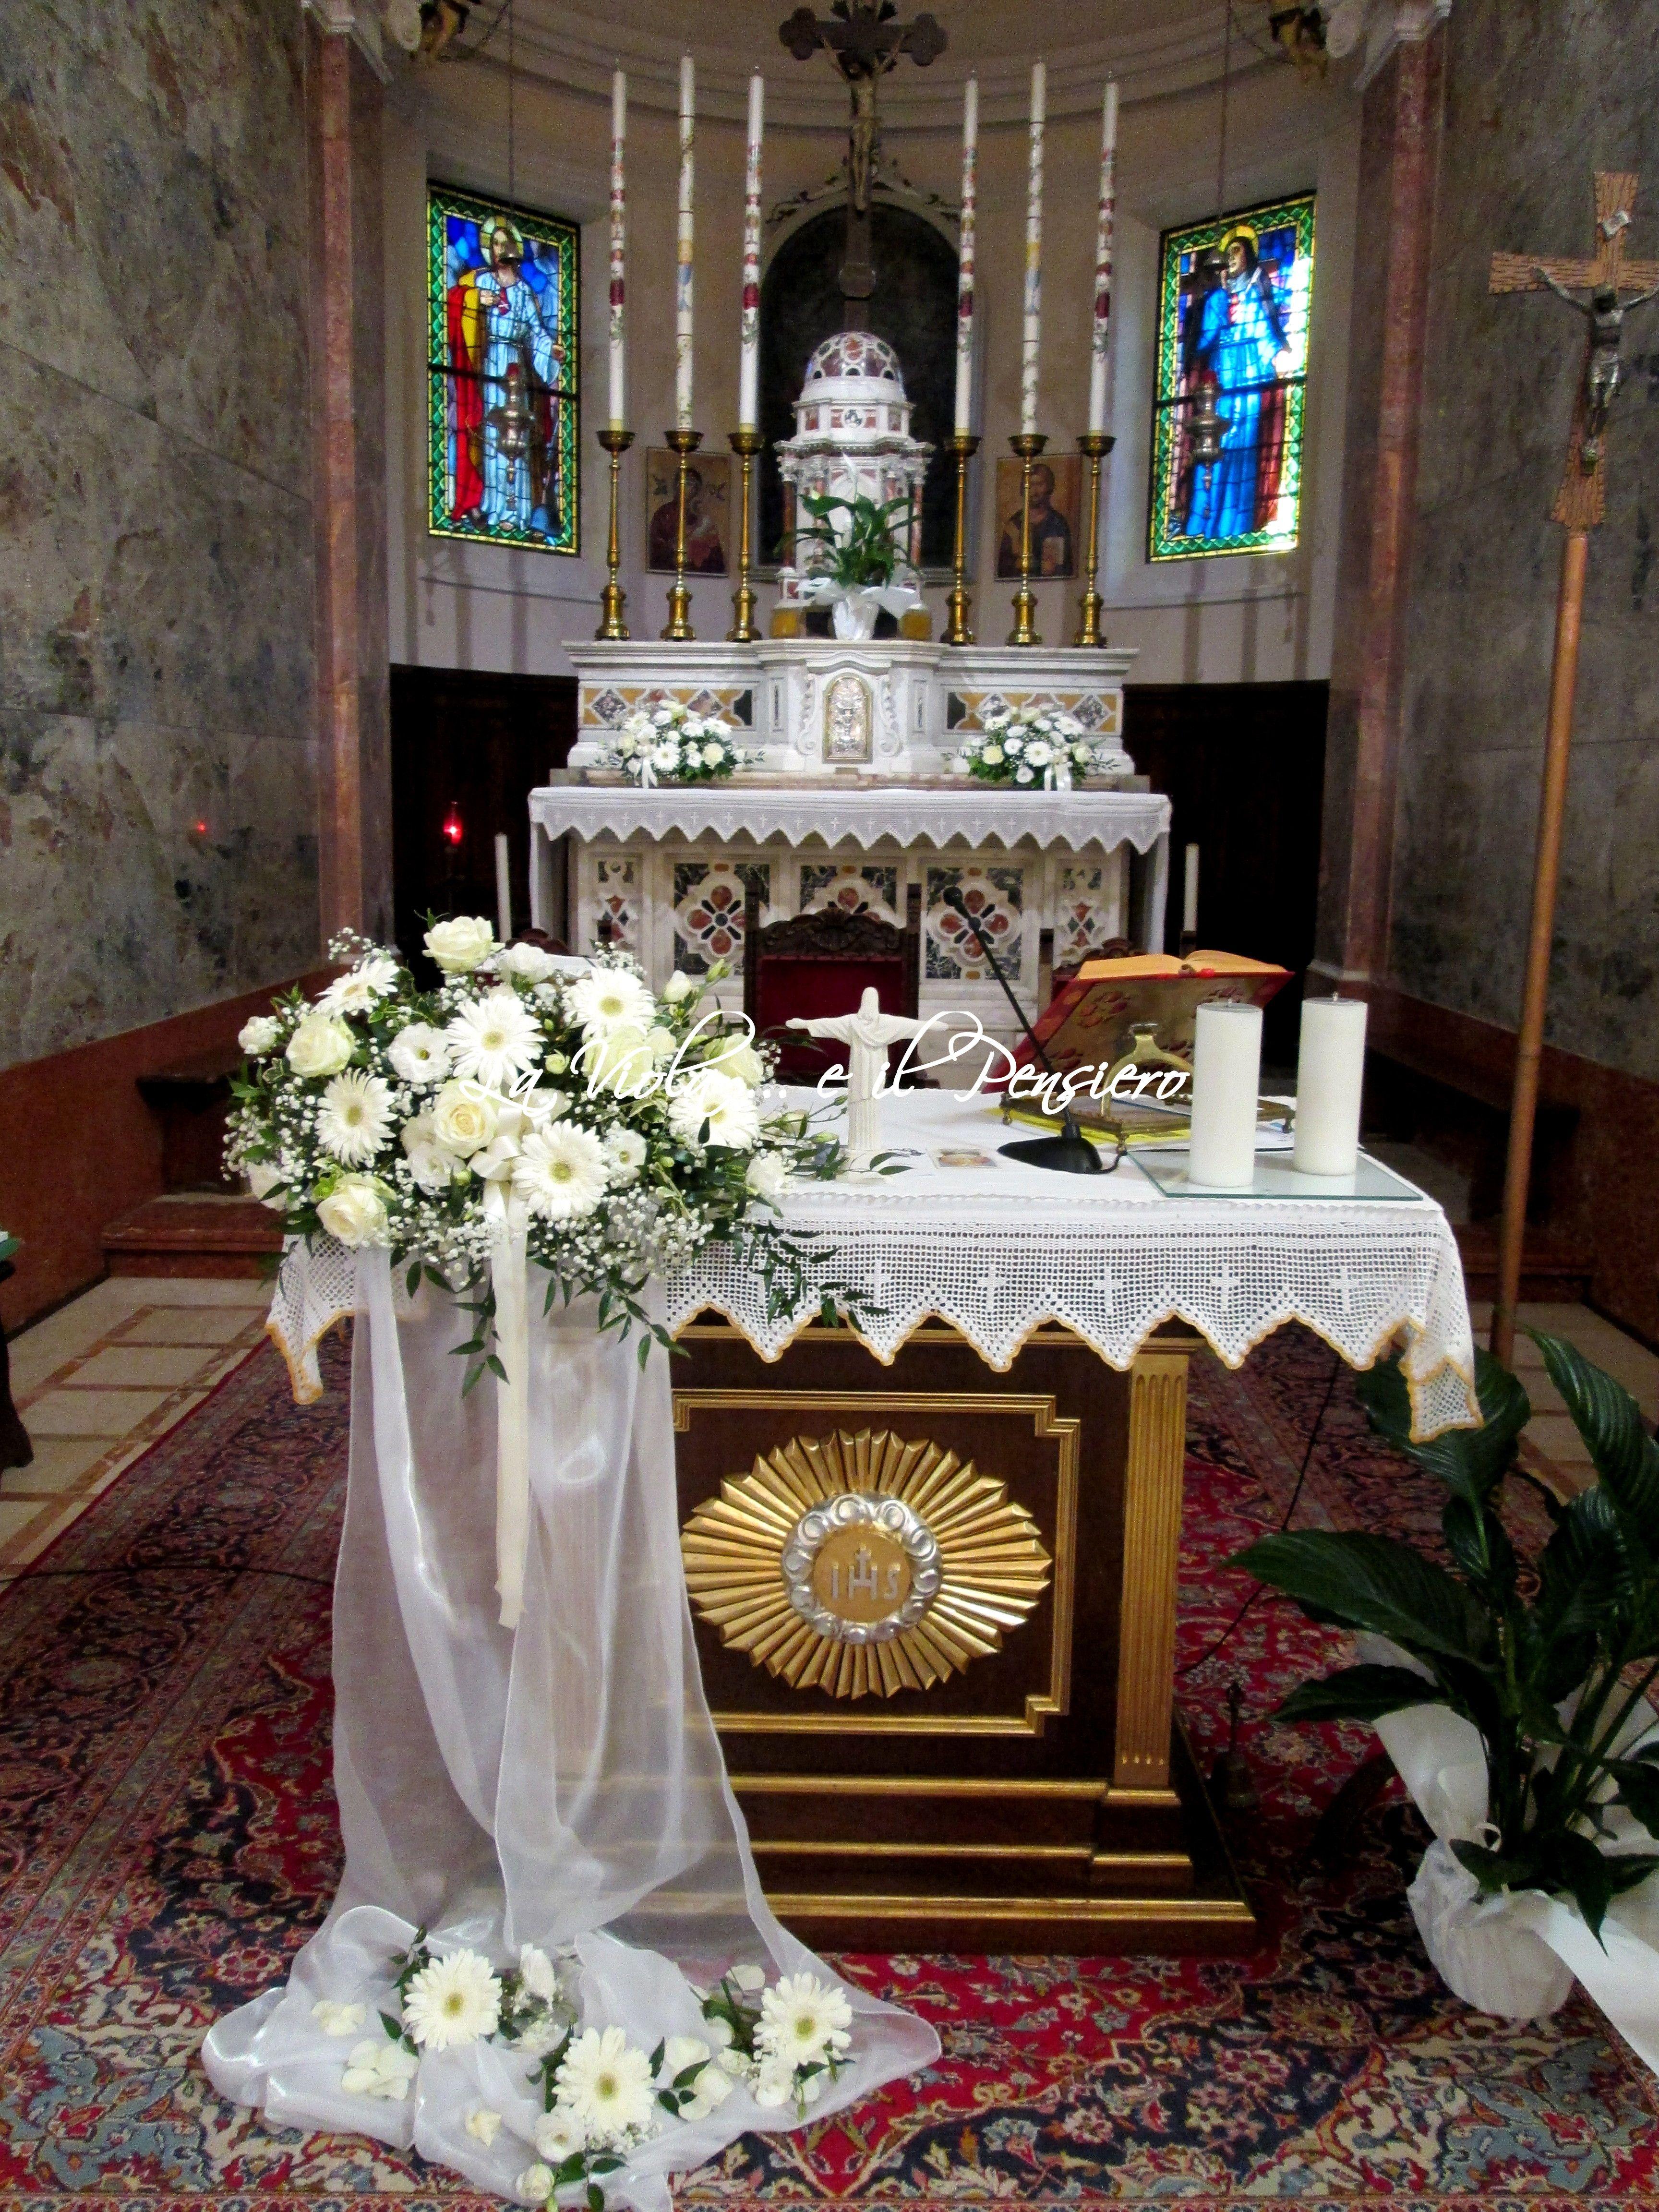 Allestimento Altare Con Rose Bianche Lisianthus Bianchi Gerbere Bianche E Cerimonie Matrimoniali Composizioni Floreali Matrimonio Matrimonio Con Rose Bianche